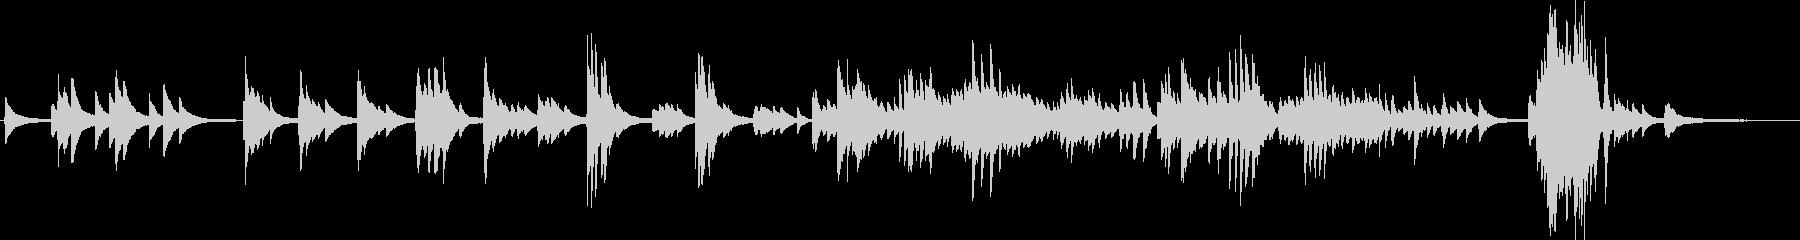 別れ(ピアノソロ・切ない・バラード)の未再生の波形